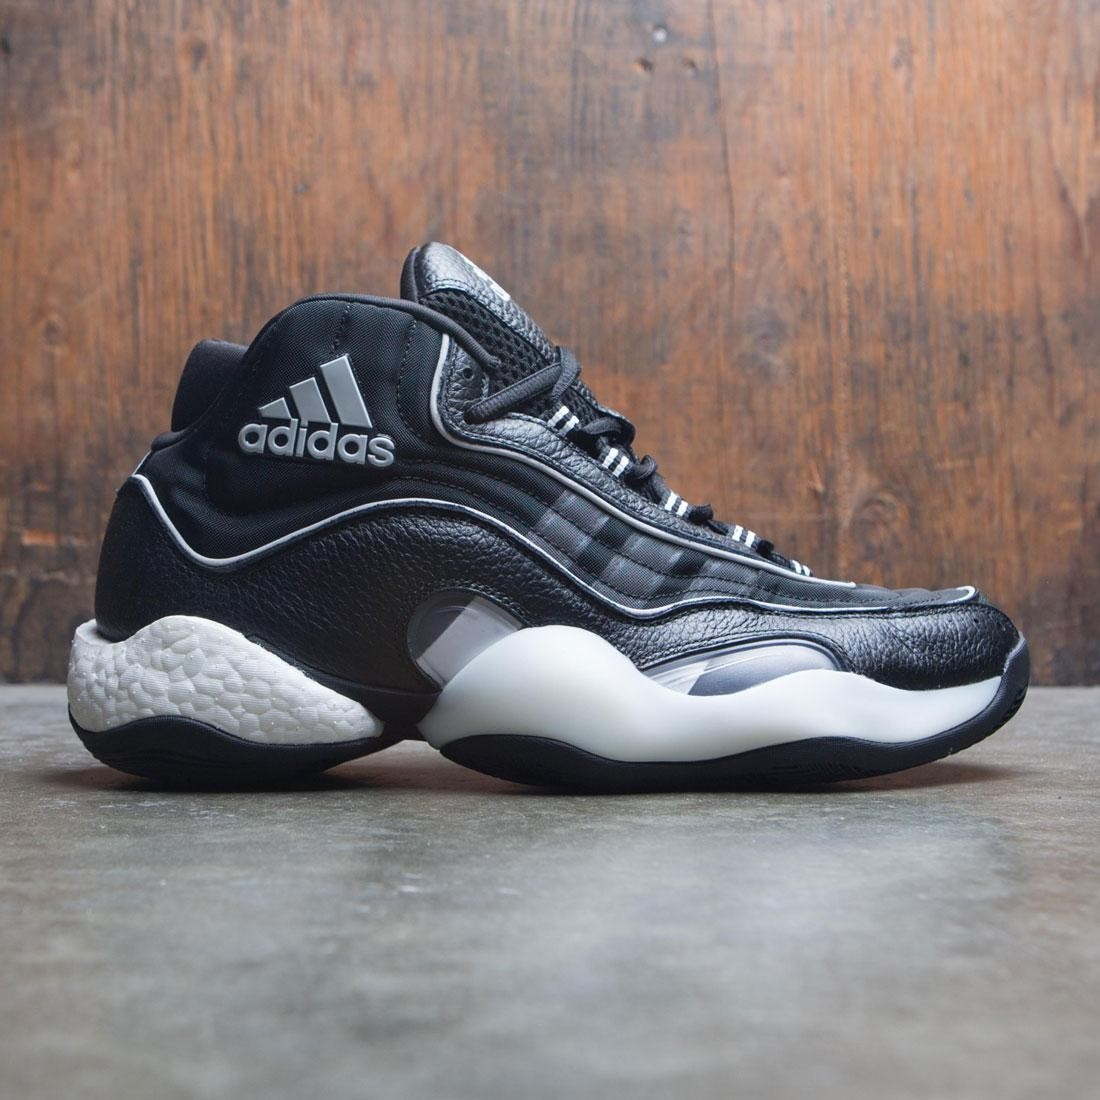 【海外限定】アディダス クレイジー GRAY灰色 グレイ コア スニーカー メンズ靴 【 ADIDAS GREY MEN 98 X CRAZY BYW BLACK TWO CORE WHITE 】